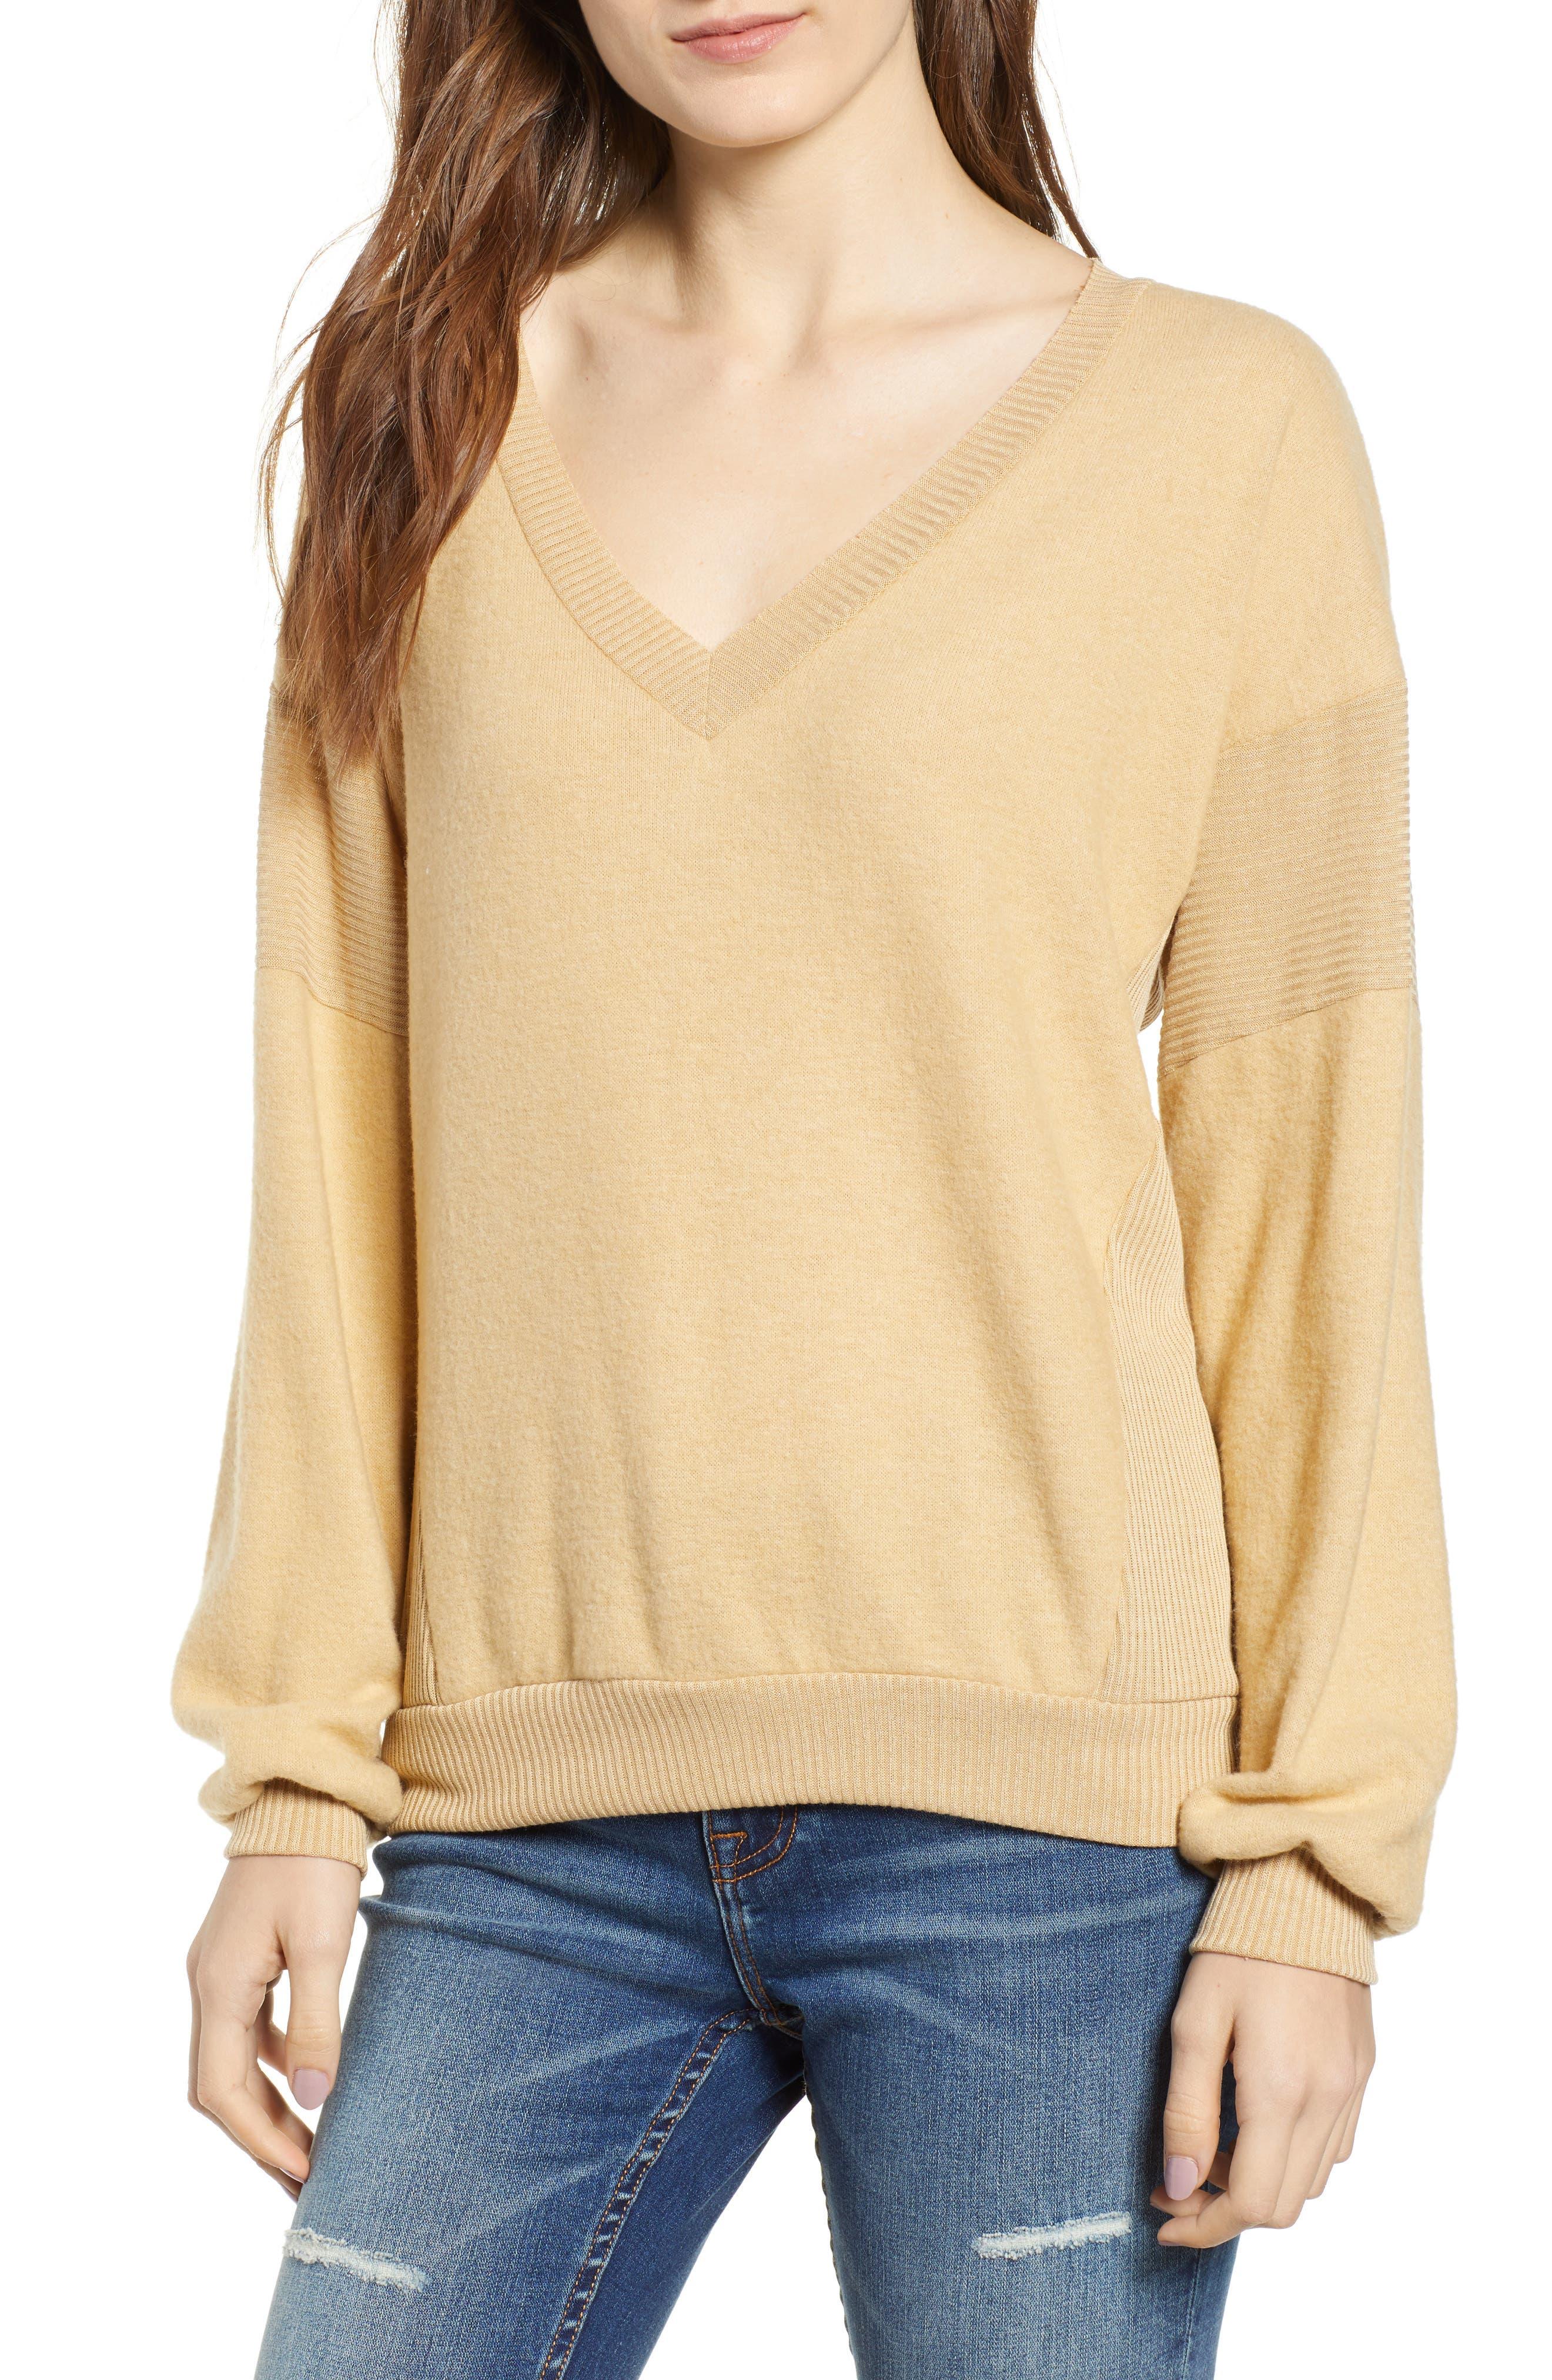 PROJECT SOCIAL T Alsen V-Neck Sweatshirt in Gold Haze